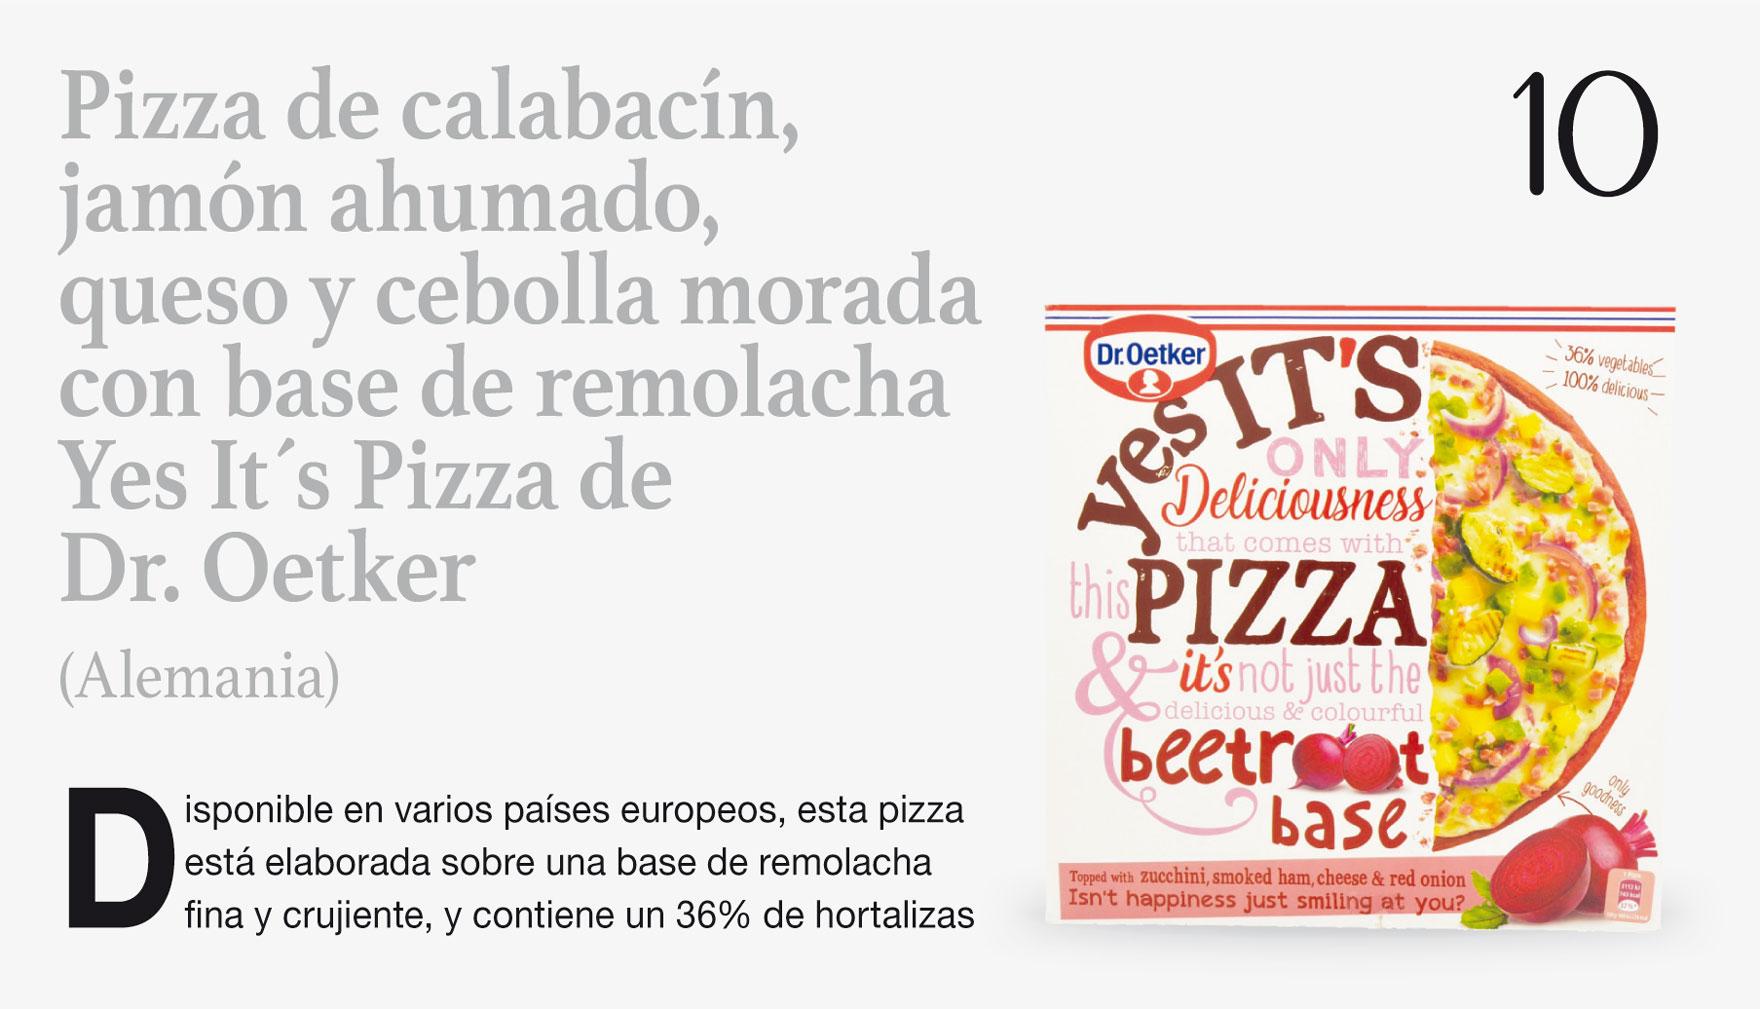 Pizza de calabacín, jamón ahumado, queso y cebolla morada con base de remolacha Yes It´s Pizza de Dr. Oetker (Alemania)